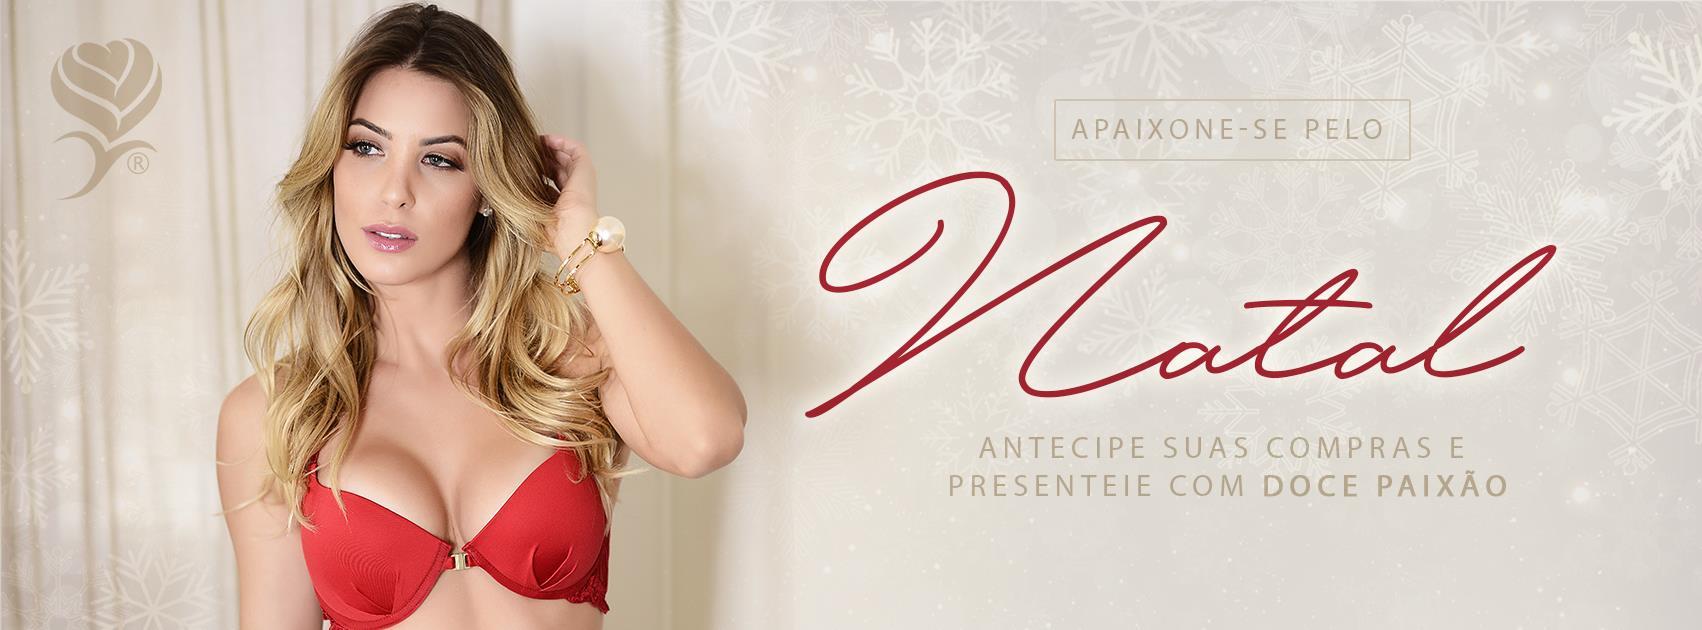 0dc64b33d Presentes para o Natal - Dê uma linda lingerie de presente - Doce Paixão ...